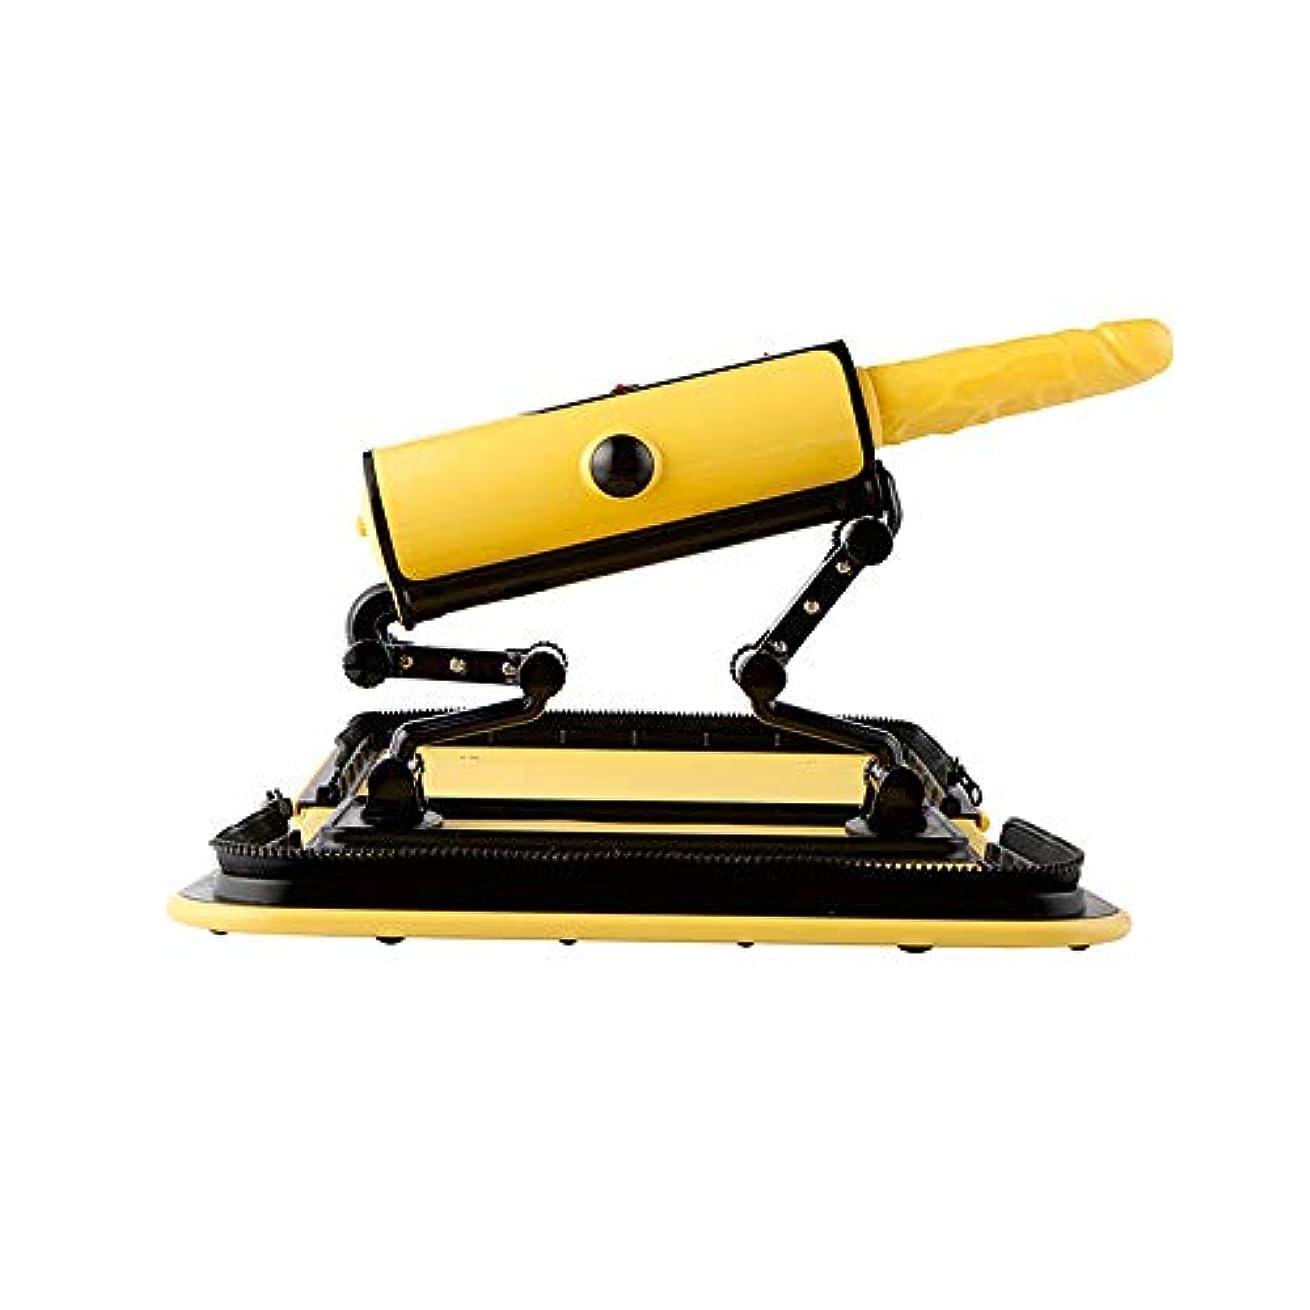 乱雑なトン不器用KGJJHYBGTOY 完璧なハーネスビジナルカップラブマシン玩具での自動機オナニー RELAX MASSAGE BODY